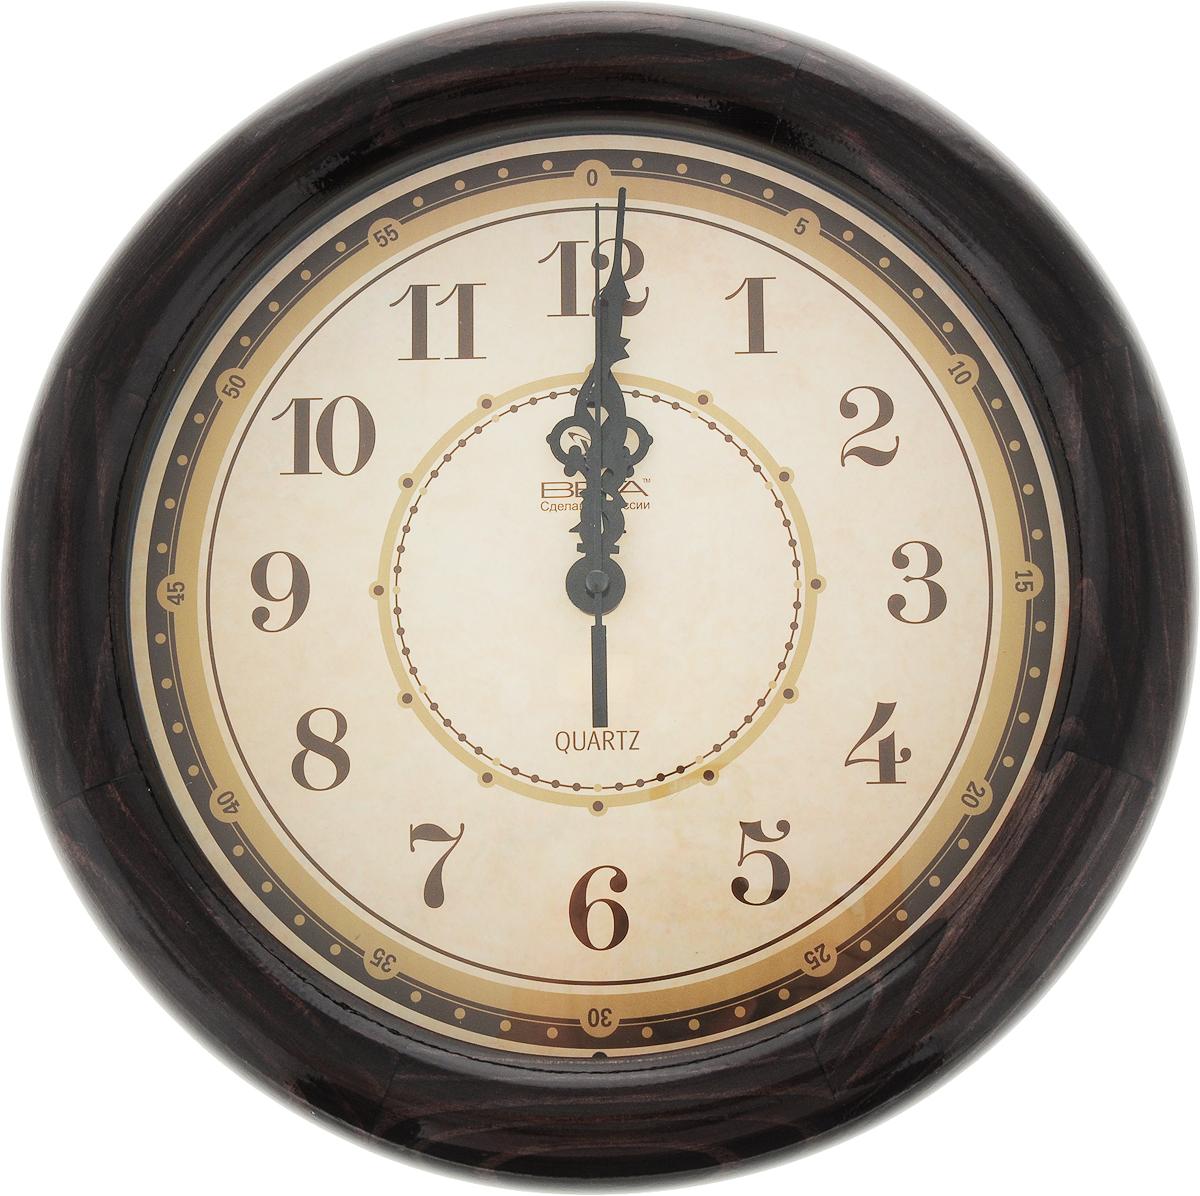 Часы настенные Вега Классика, цвет: темно-фиолетовый, диаметр 30 смД1МД/6-191_темно-фиолетовыйЧасы настенные Вега Классика, цвет: темно-фиолетовый, диаметр 30 см